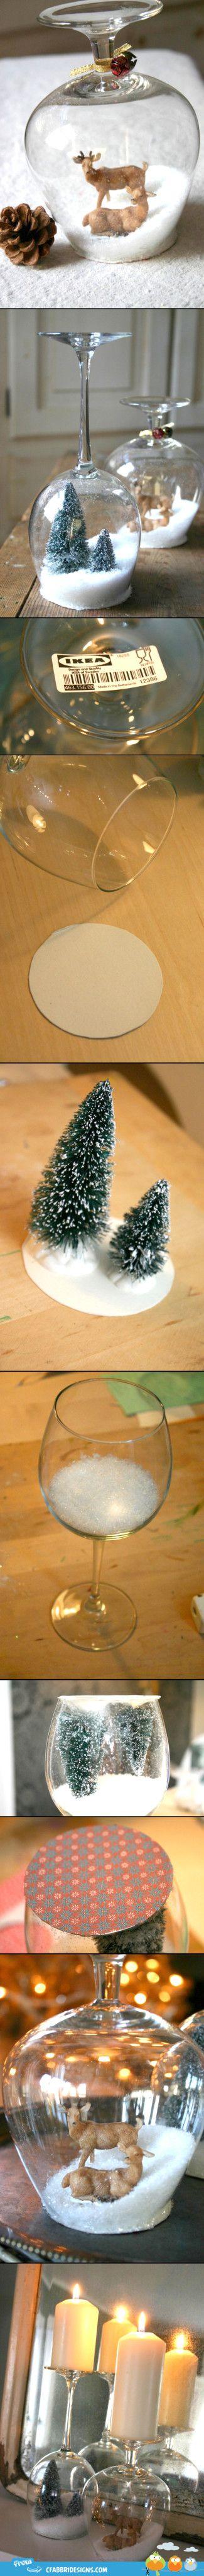 Astuces déco à réaliser pour Noël ! De jolies boules de Noël dans des verres à pied. http://quagiangsinhnoel.shoptretho.com.vn/